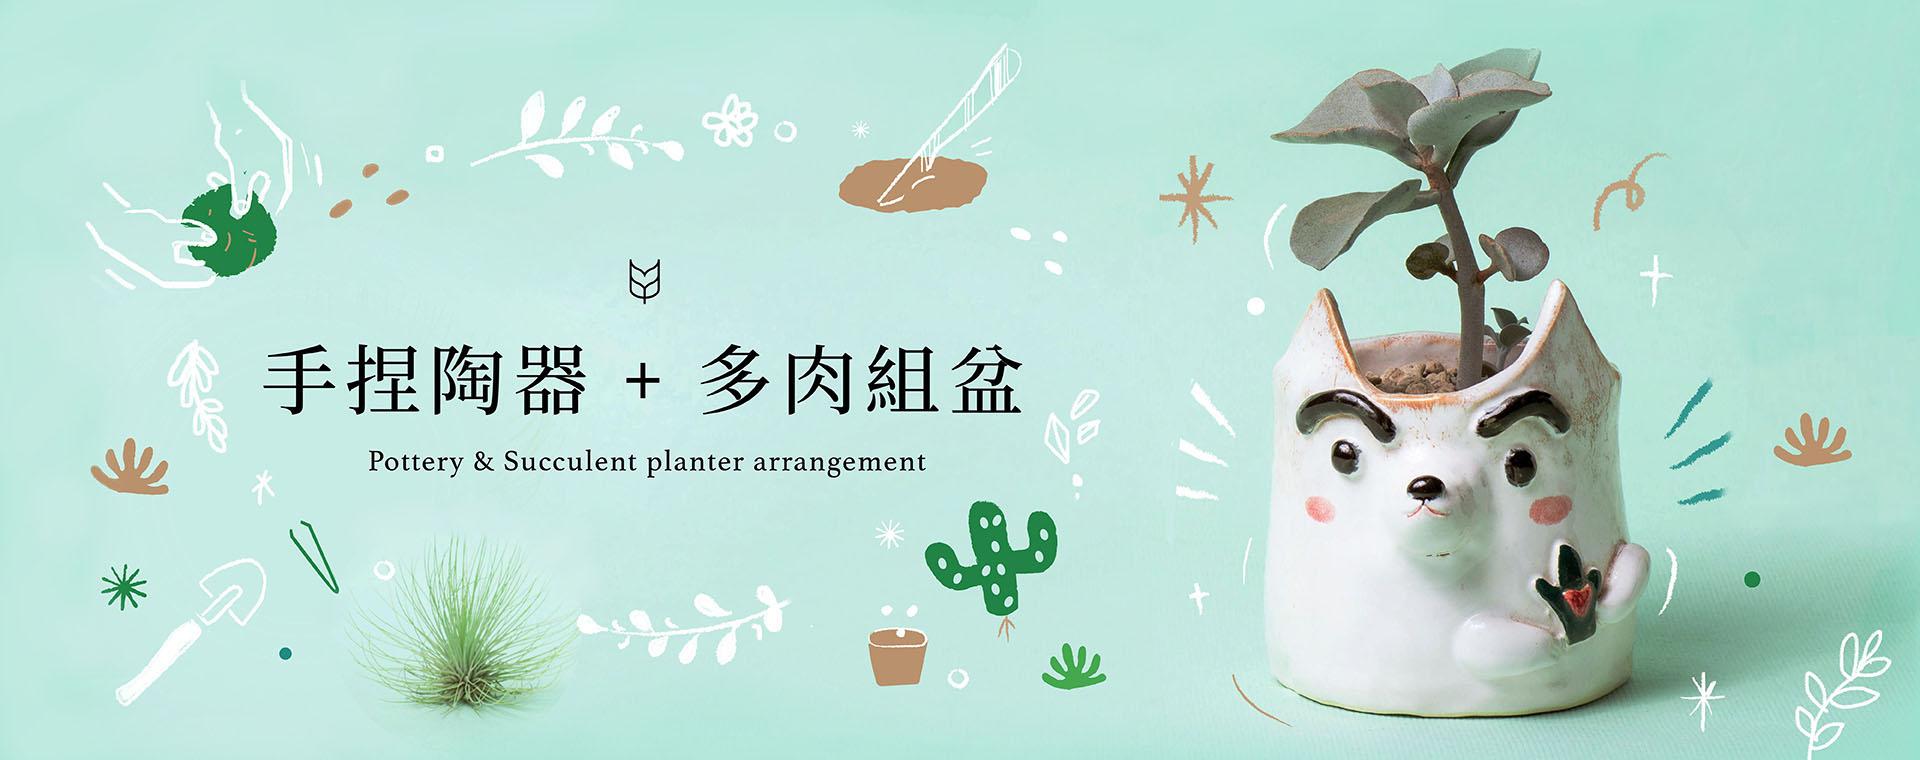 [ 陶藝課程 ]手捏陶器 & 多肉植栽 banner 官網